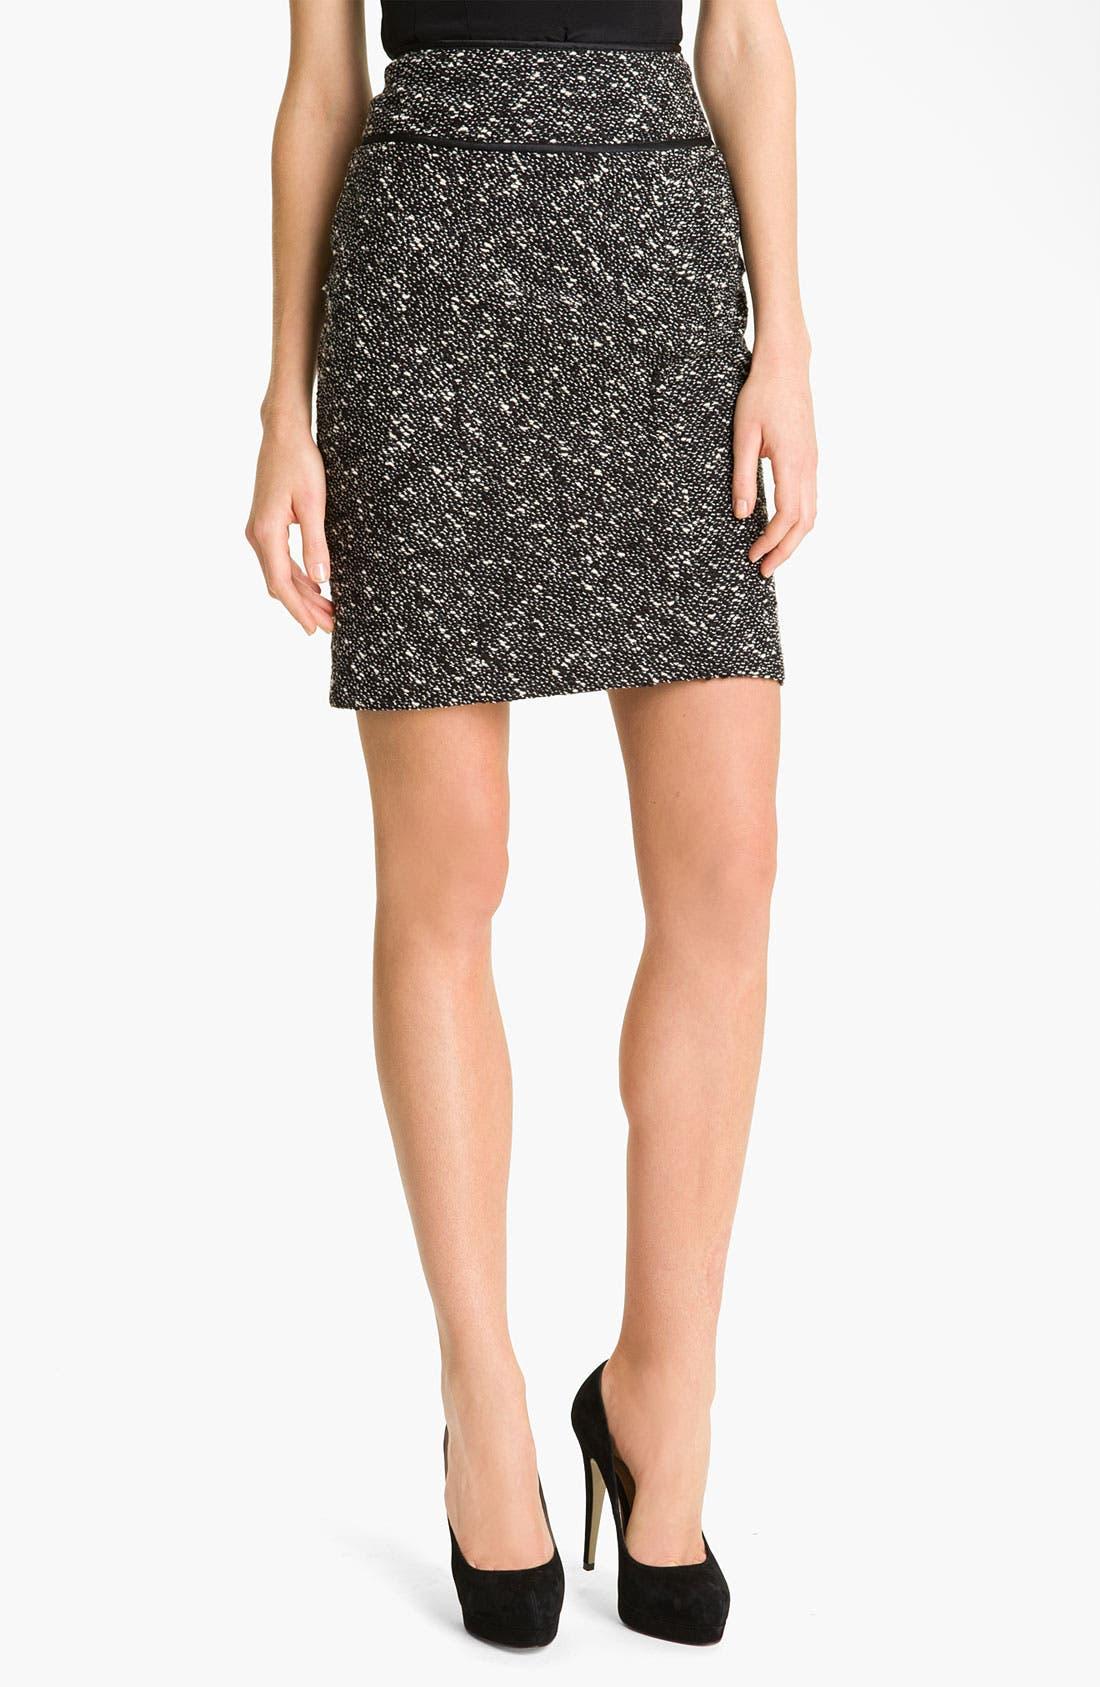 Alternate Image 1 Selected - Nanette Lepore 'Estate' Pencil Skirt